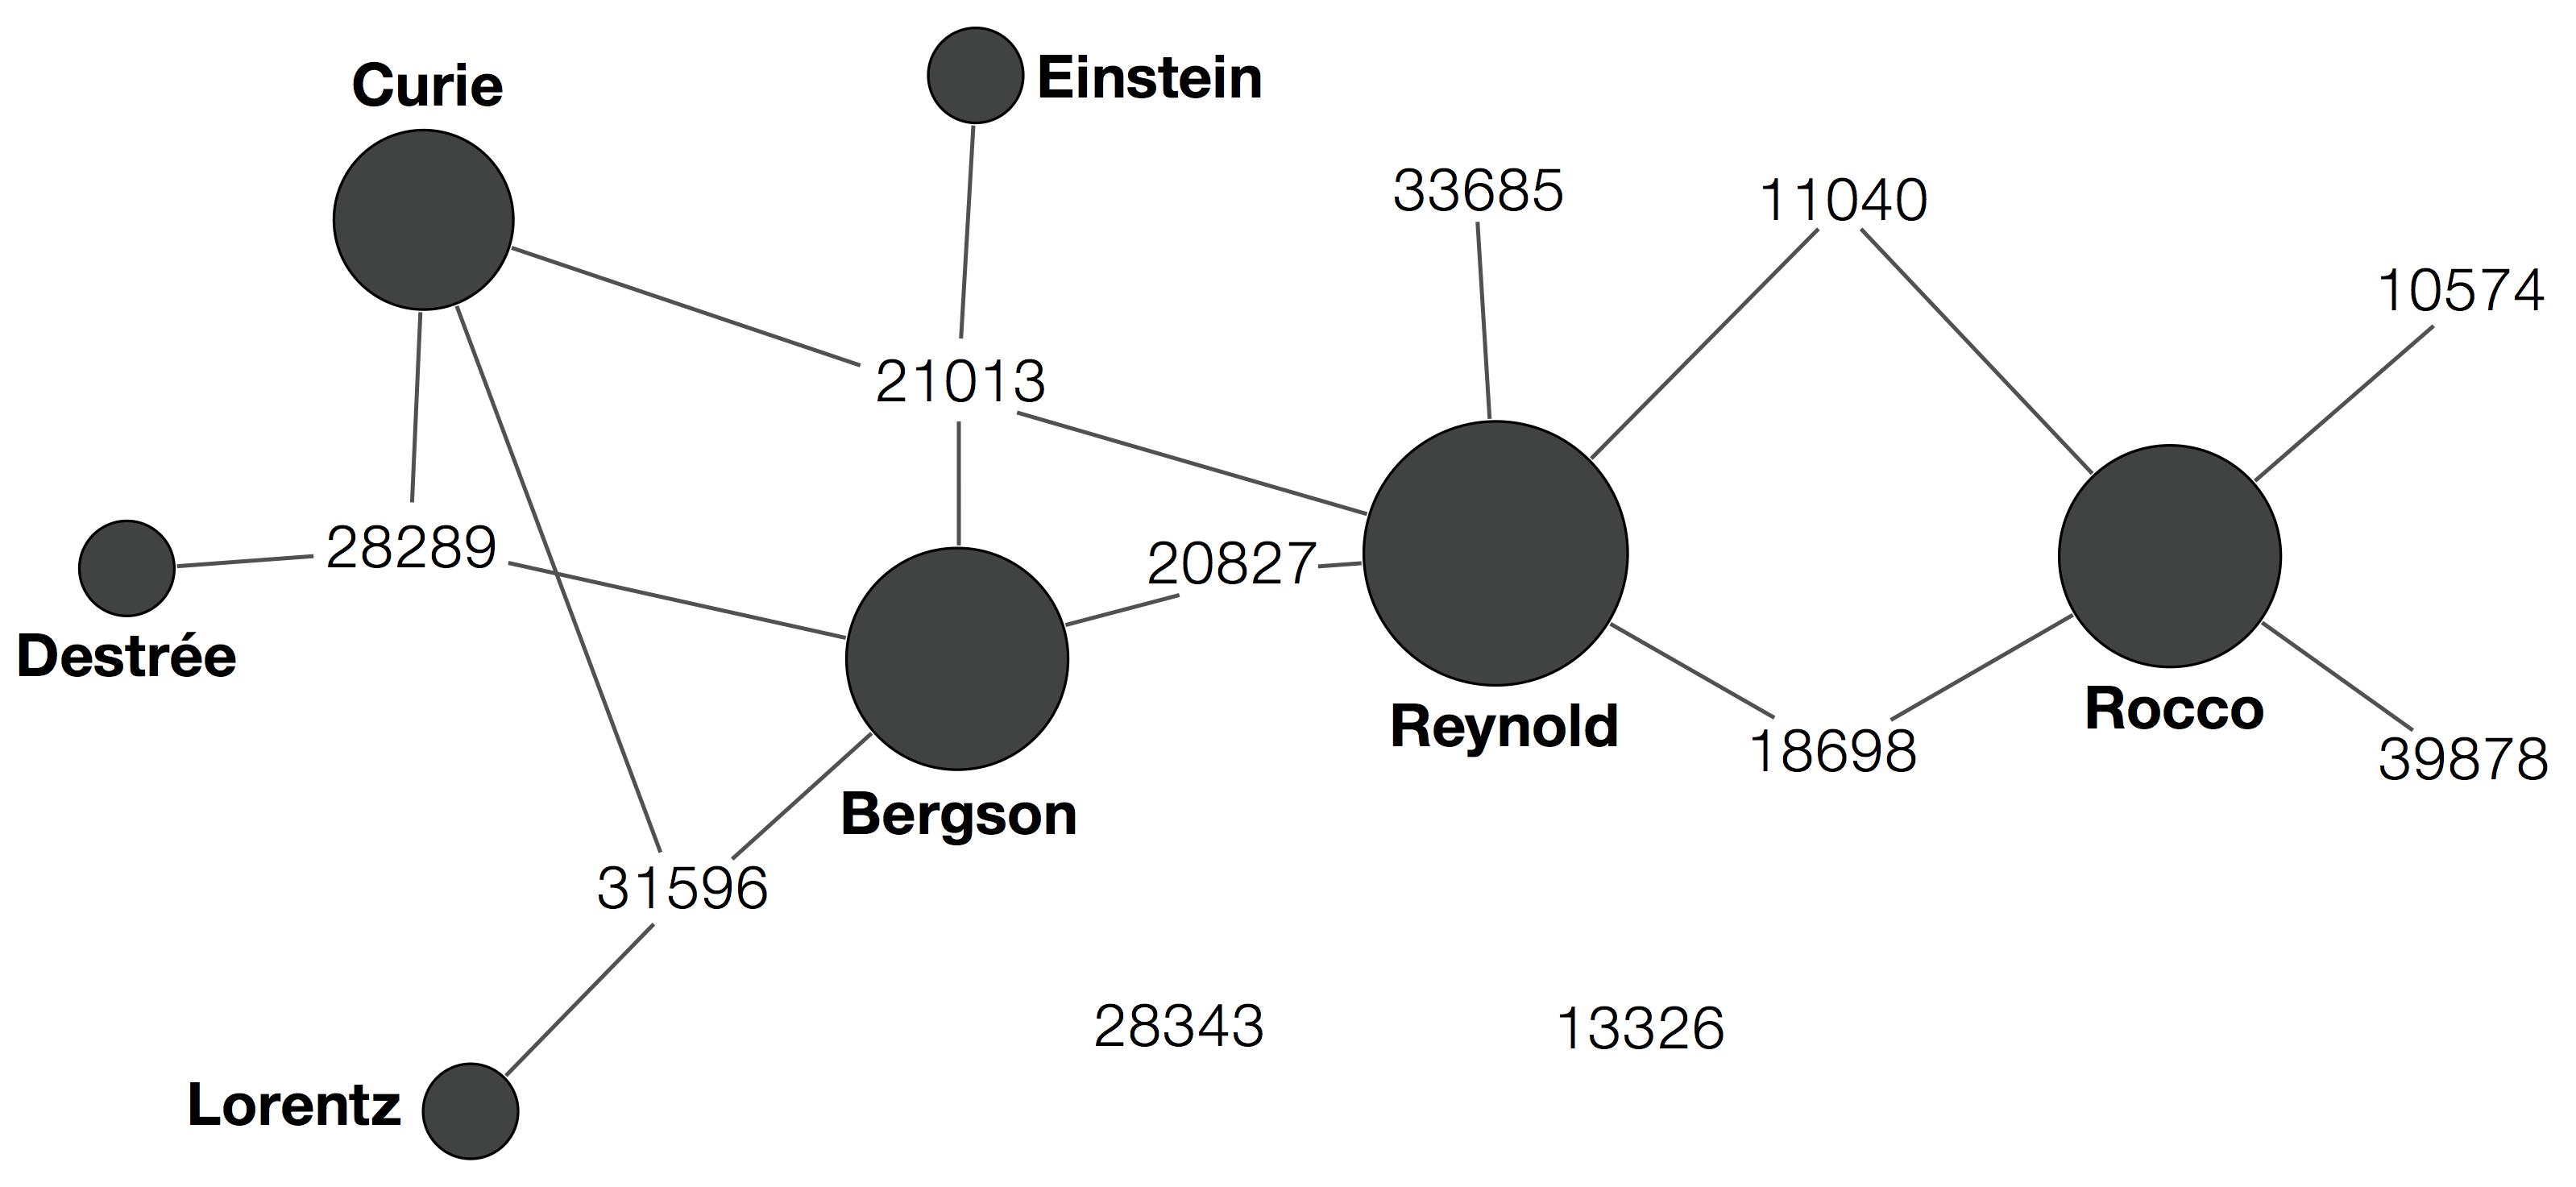 Le réseau de documents et de personnes